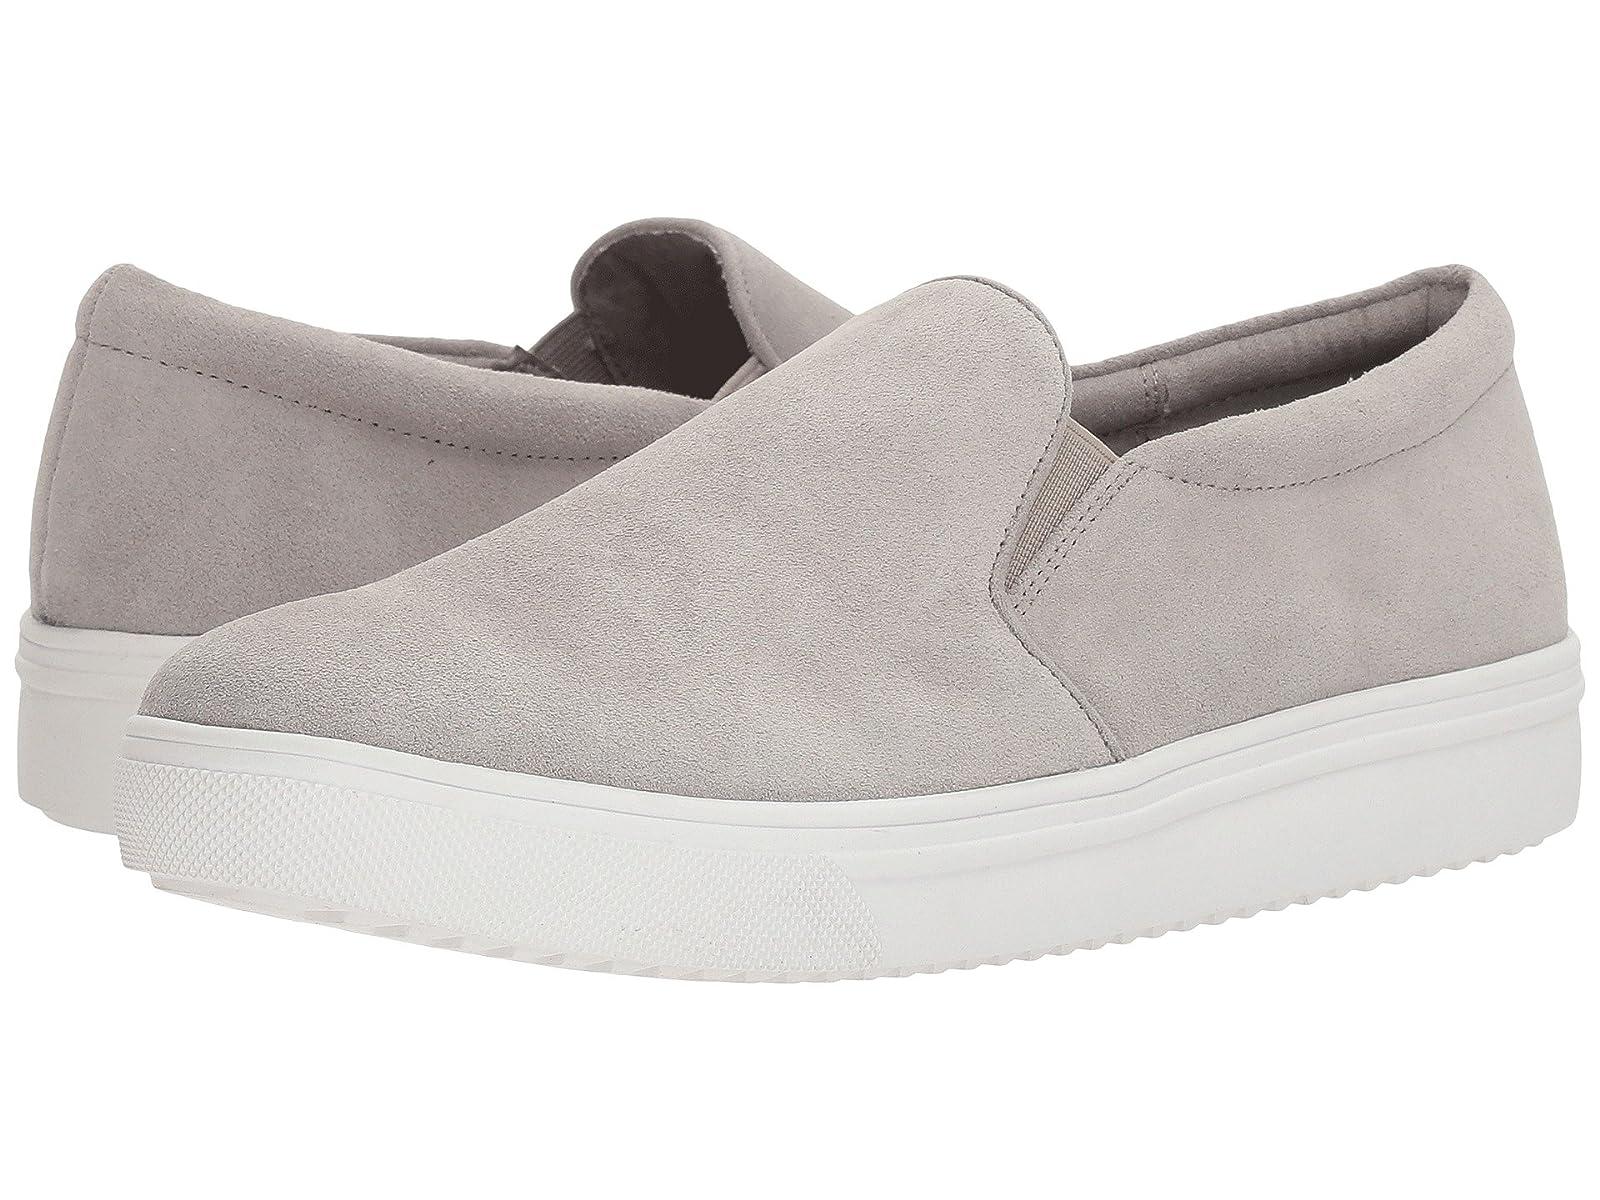 Blondo Gracie Waterproof SneakerAtmospheric grades have affordable shoes